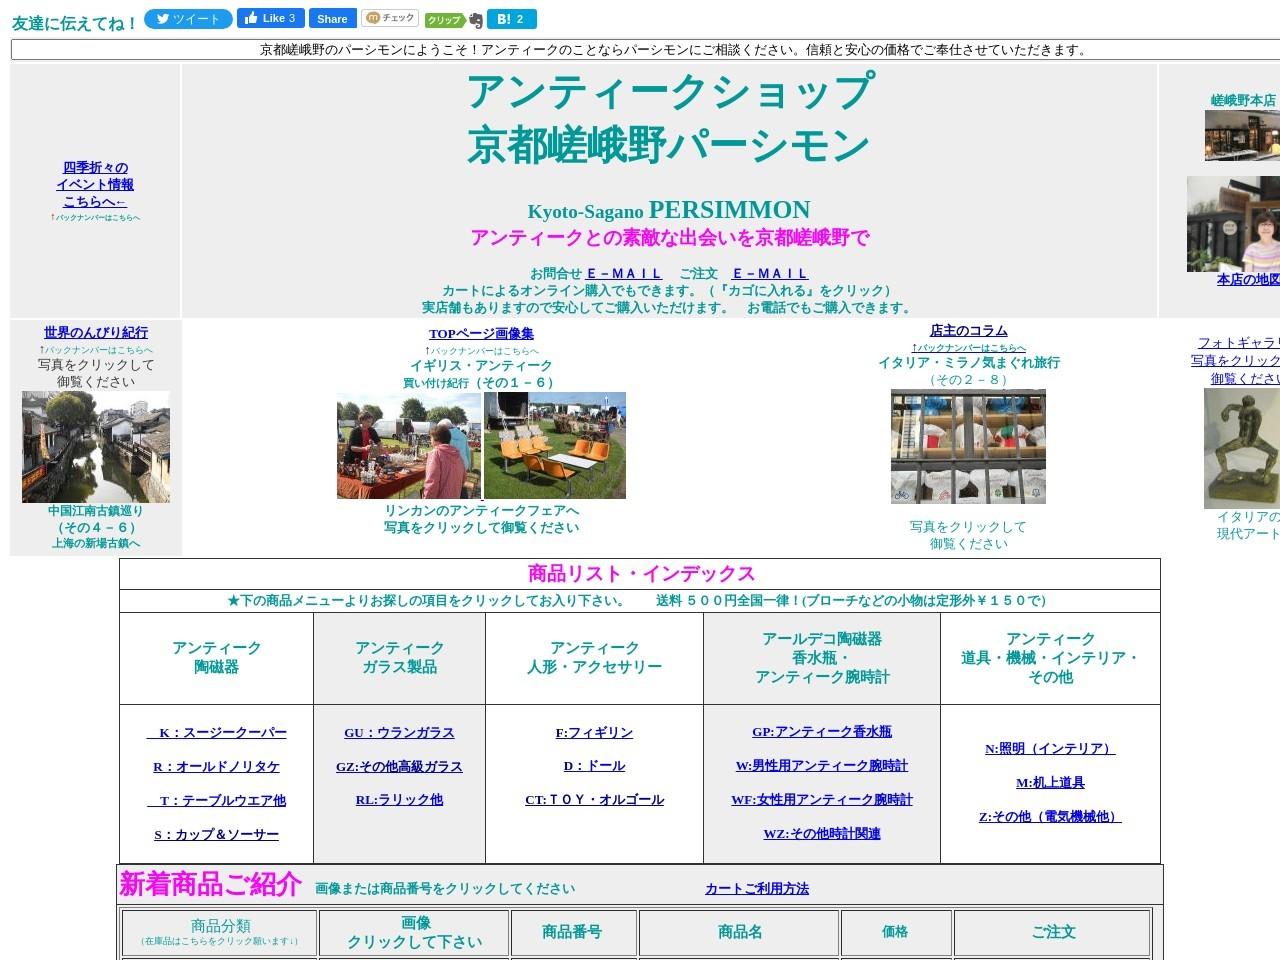 アンティークショップ・京都・嵯峨野パーシモンの通販サイト